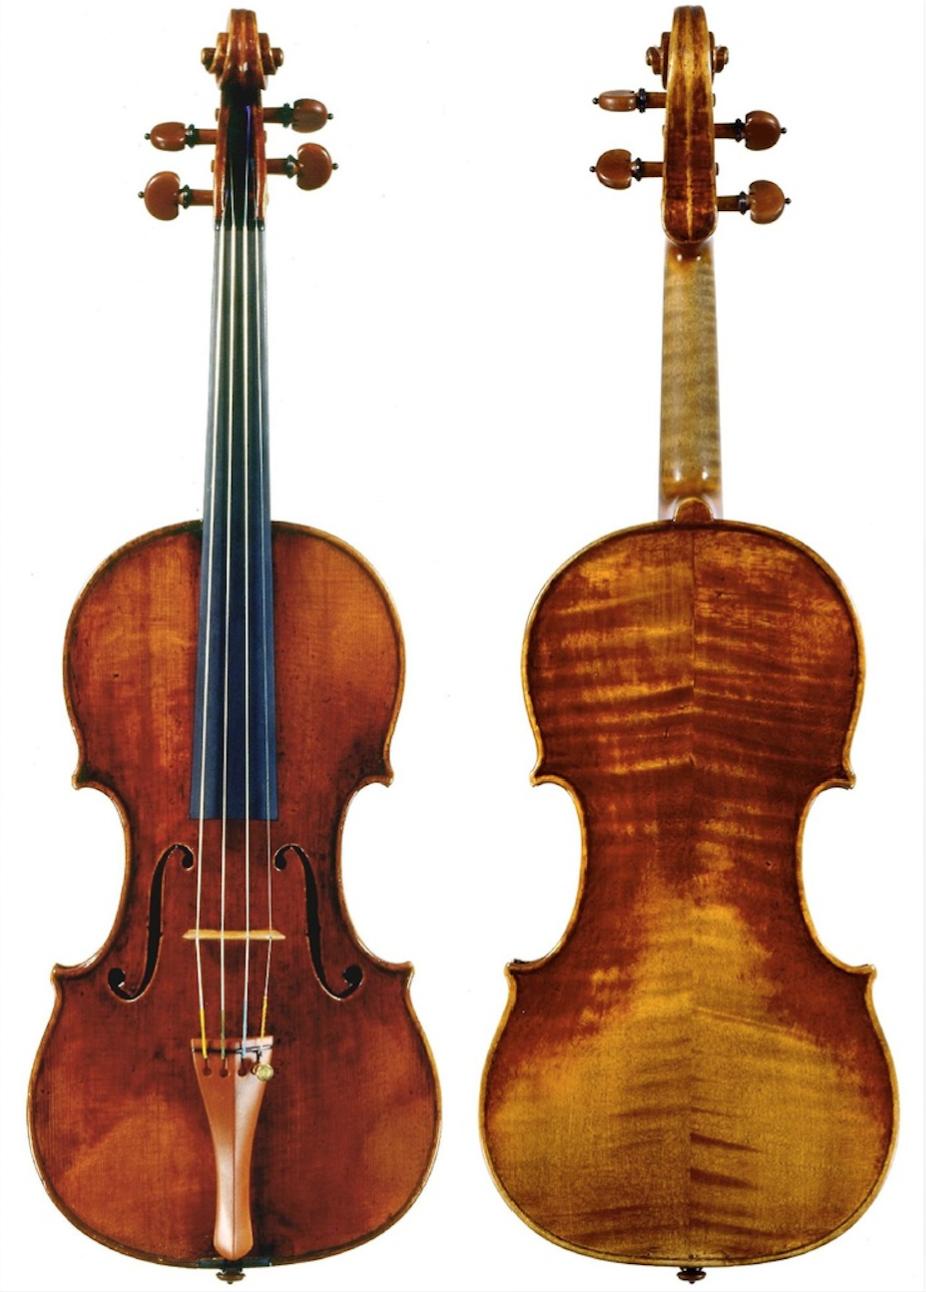 Violin by Guarneri, Giuseppe 'del Gesu' (Cremona, 1732)